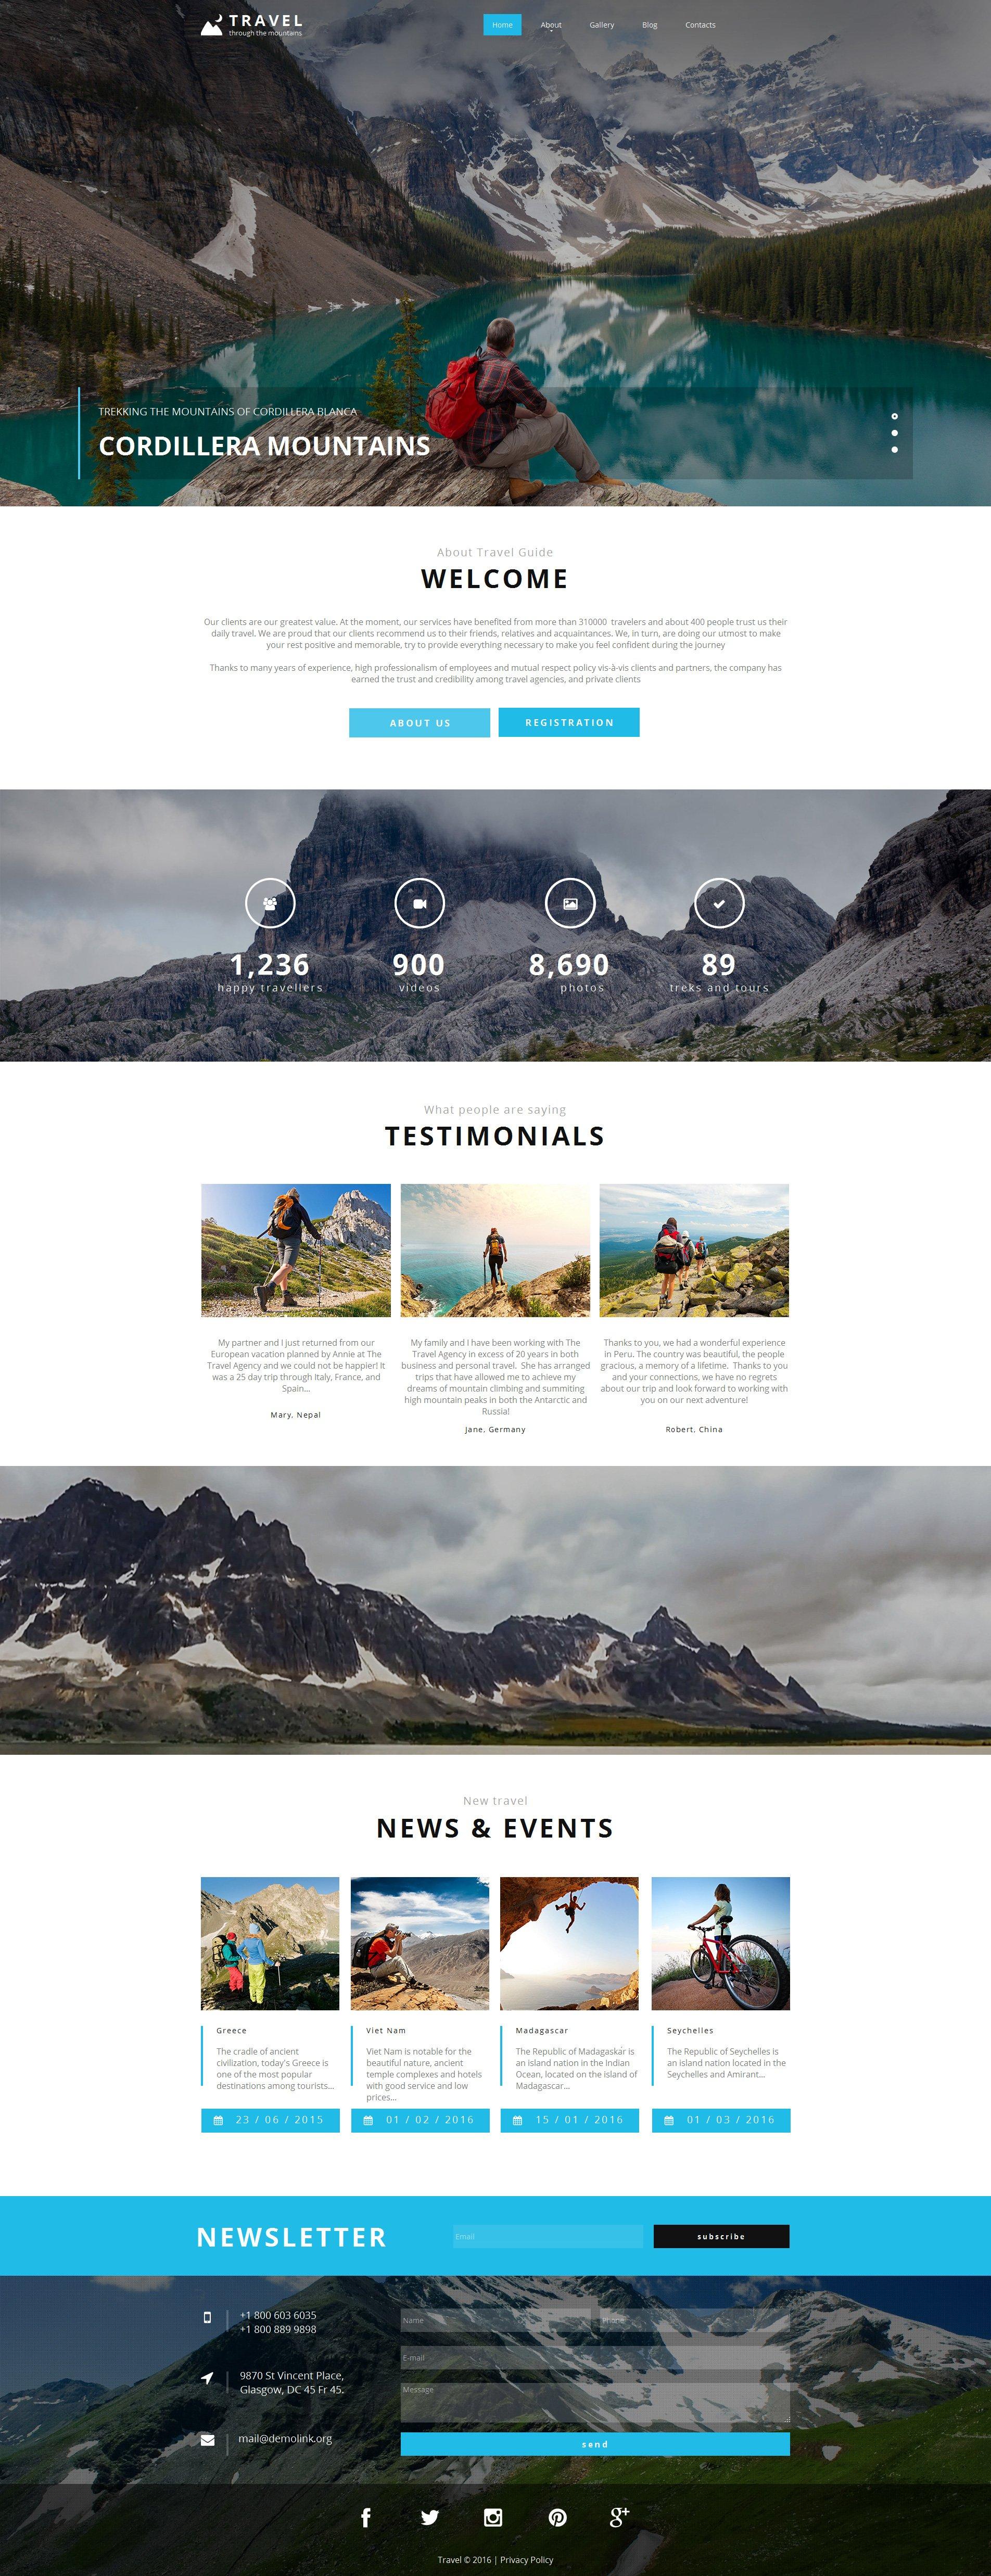 Modèle Moto CMS HTML Premium pour site d'agence de voyage #58474